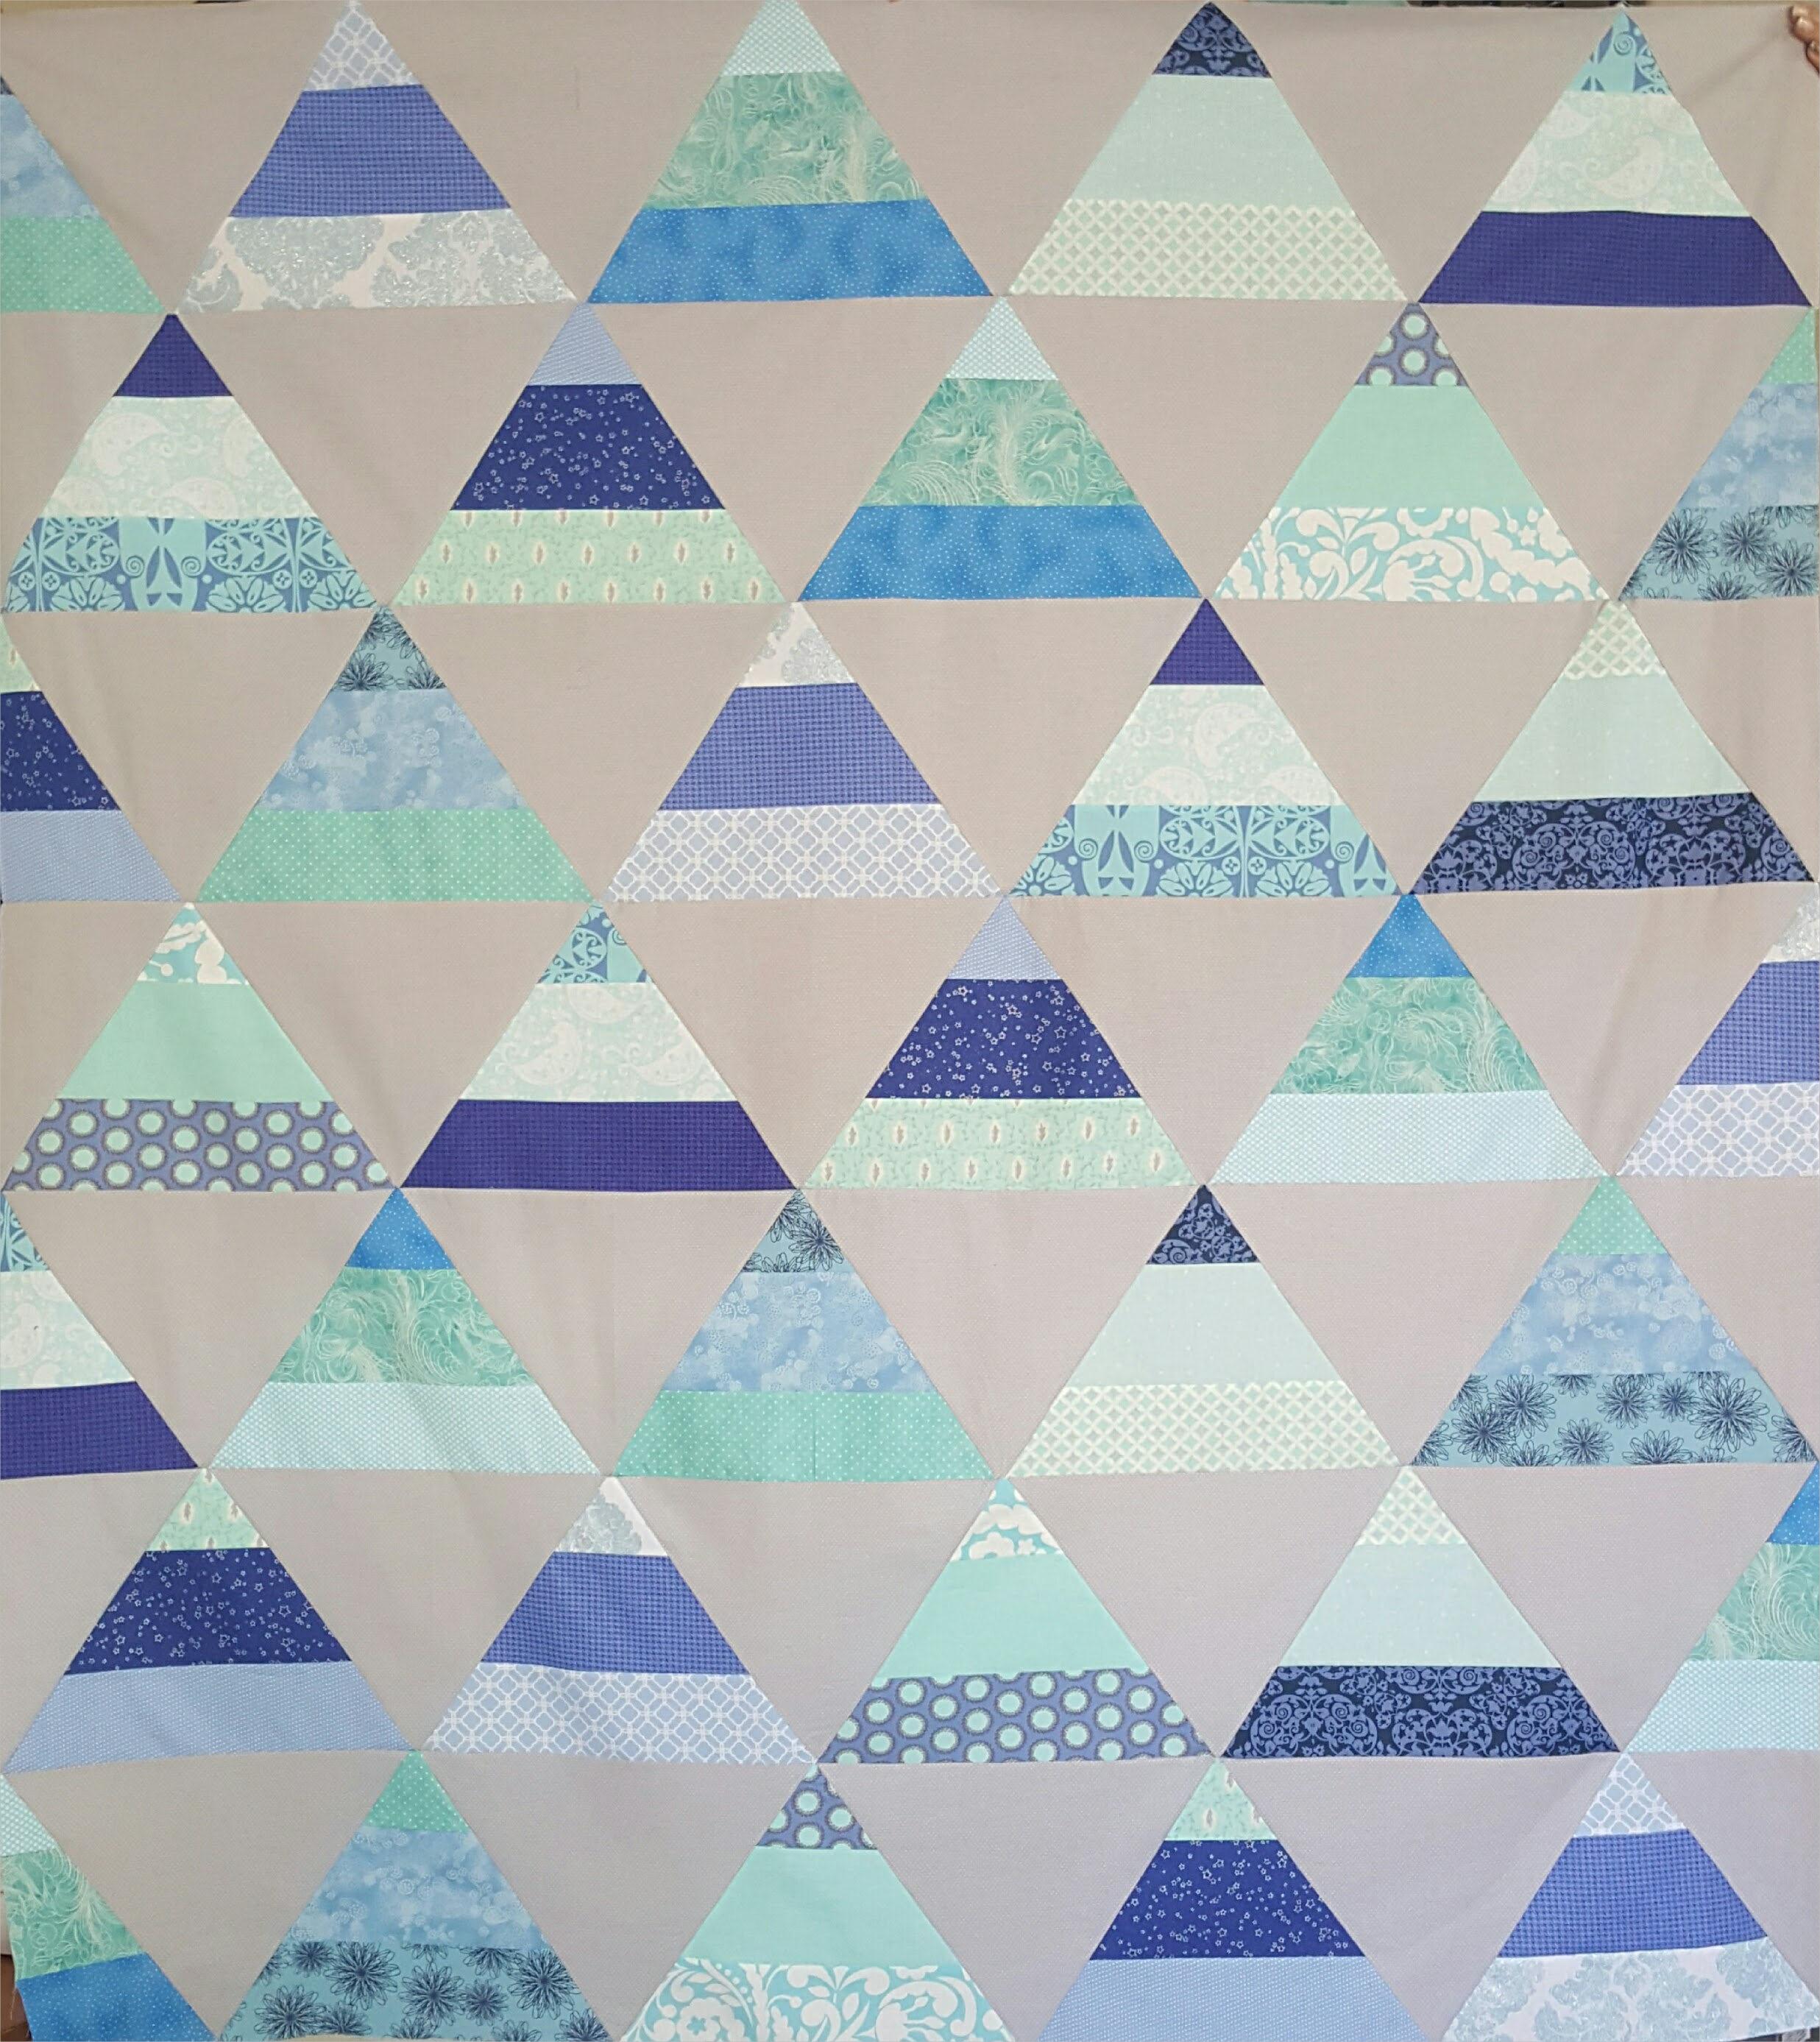 trippy quilt pattern